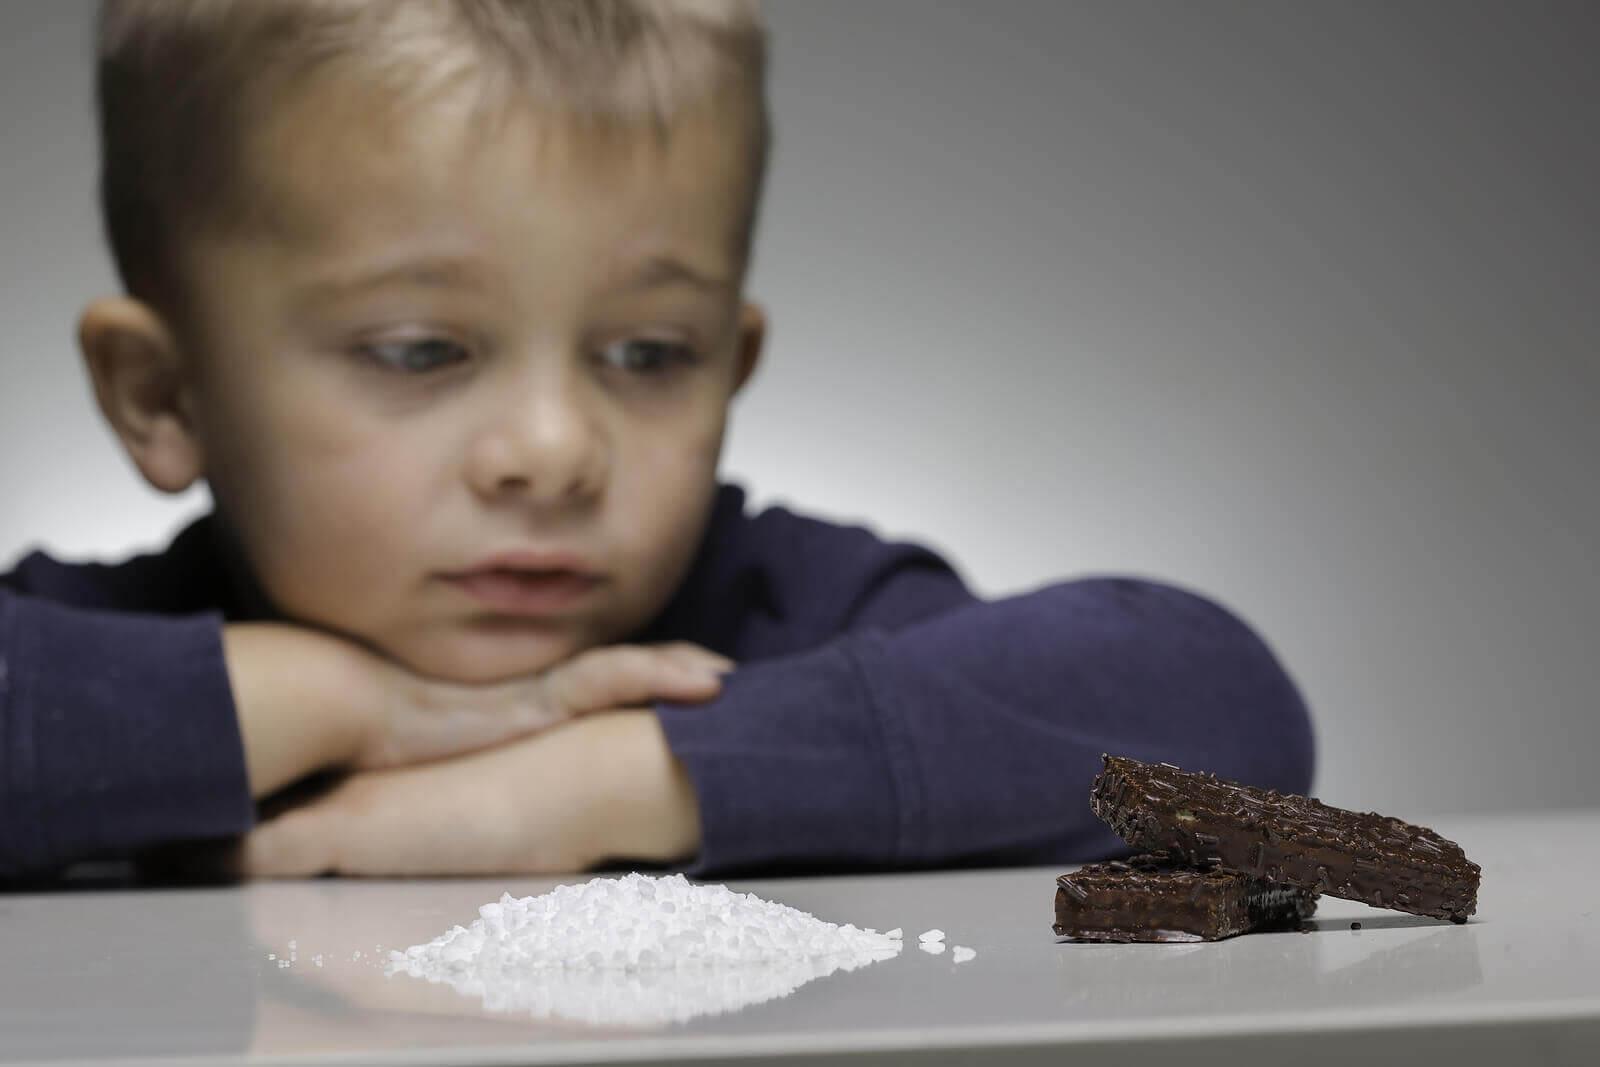 Un enfant regardant du sucre et du chocolat.